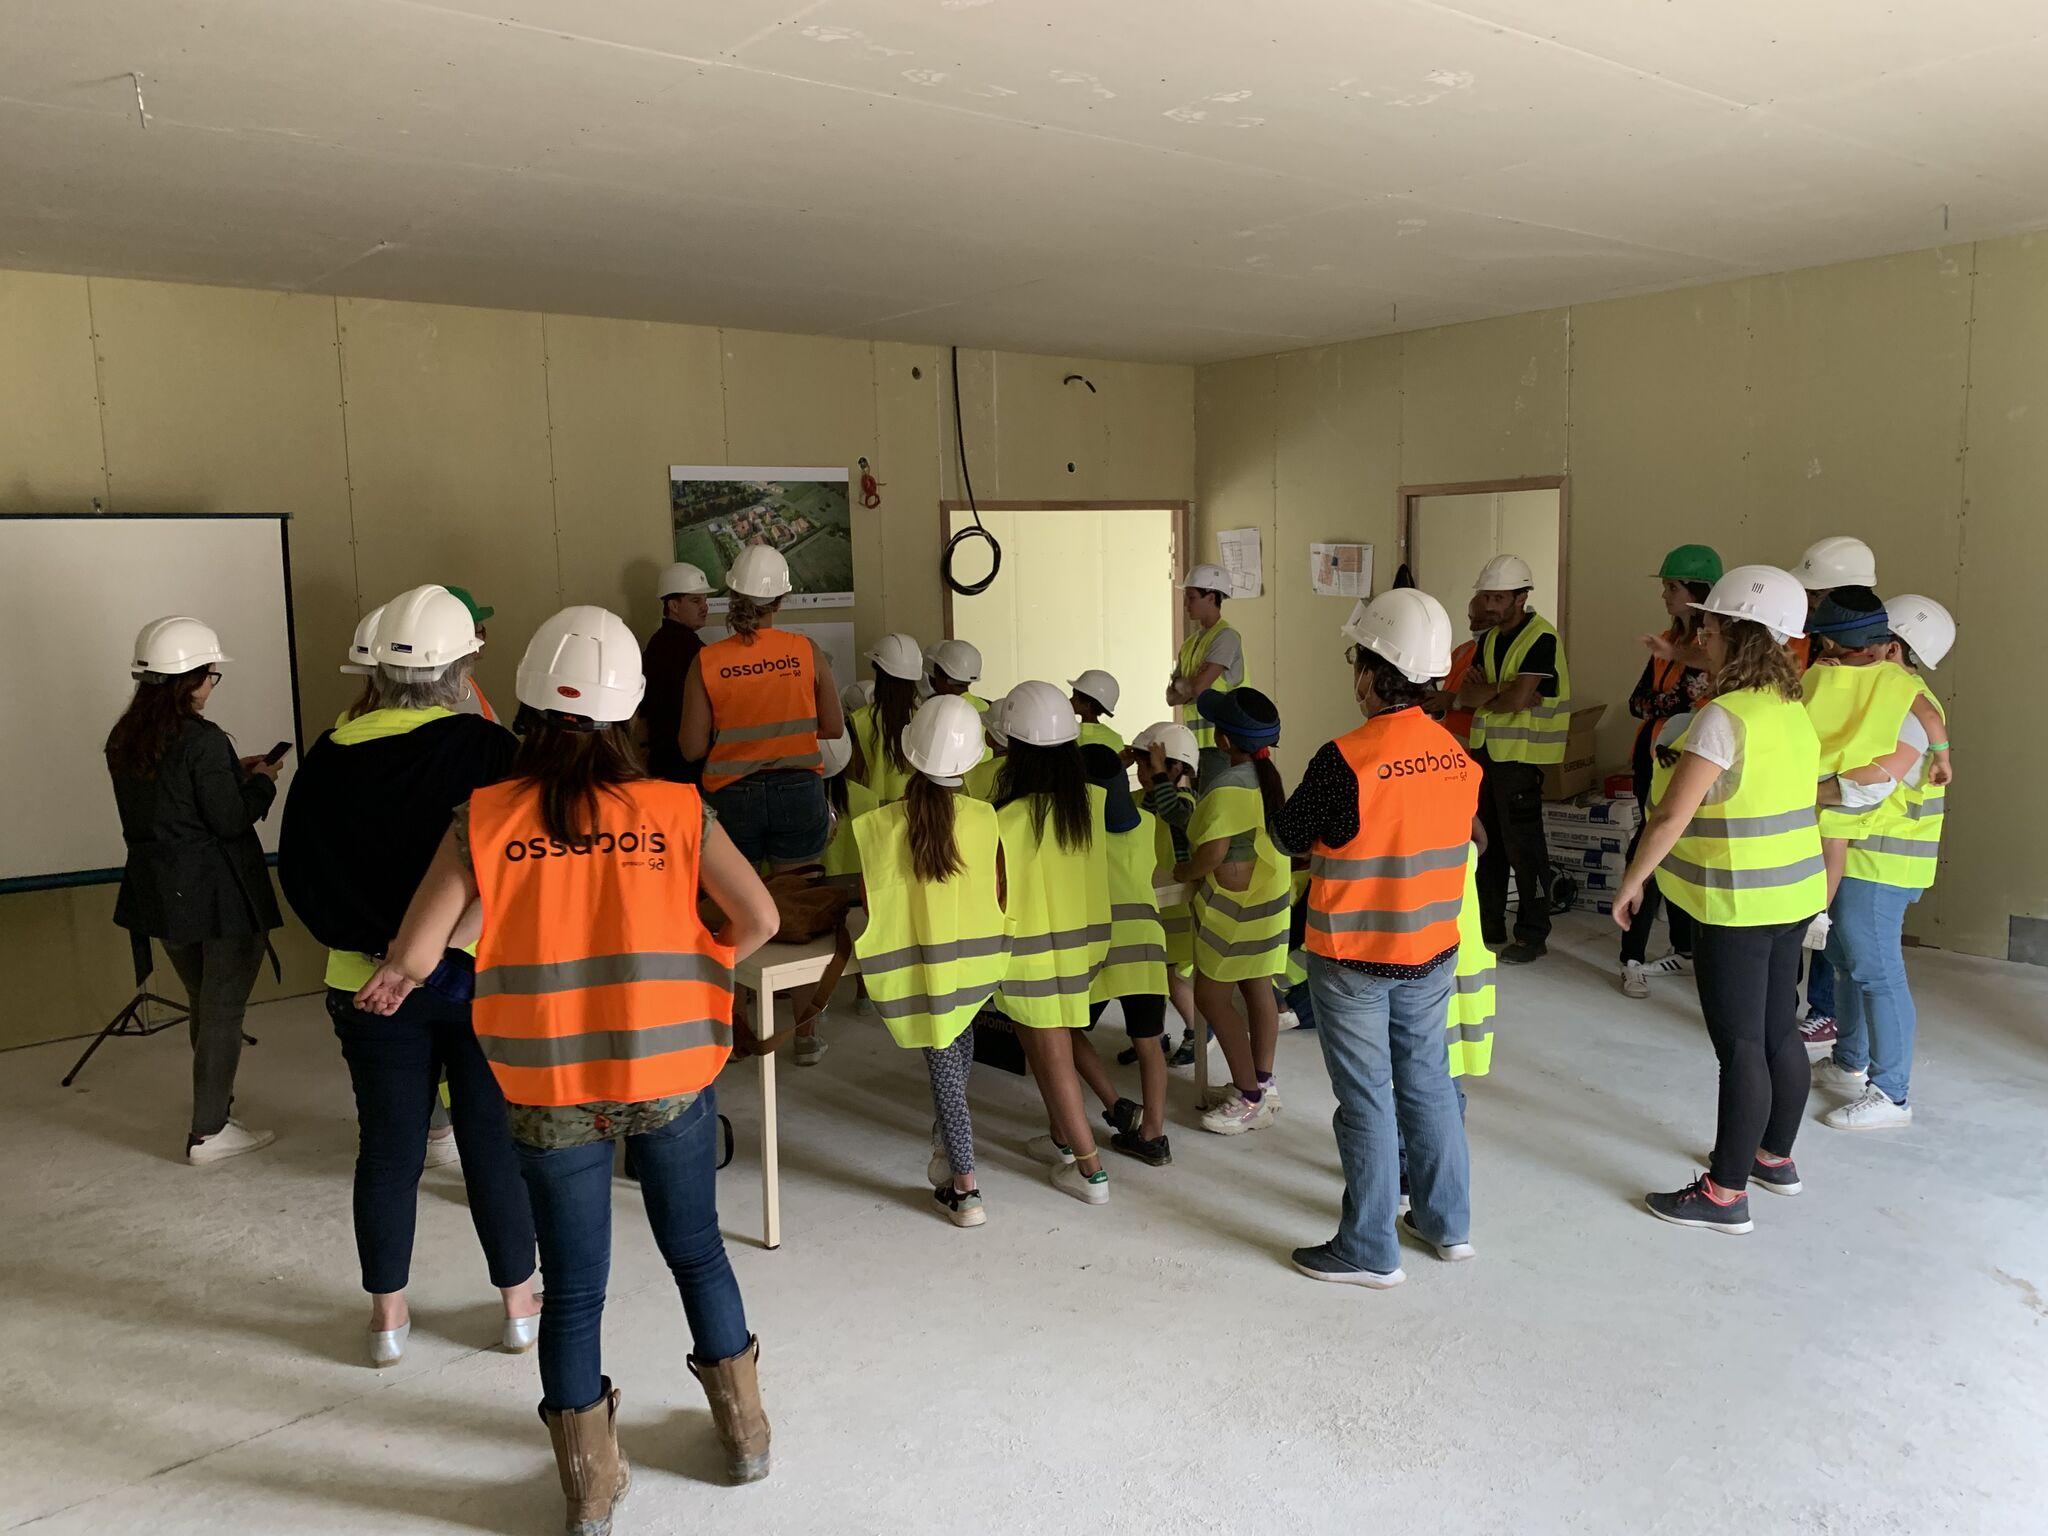 Visite du chantier de l'EcoVillage de Sablons